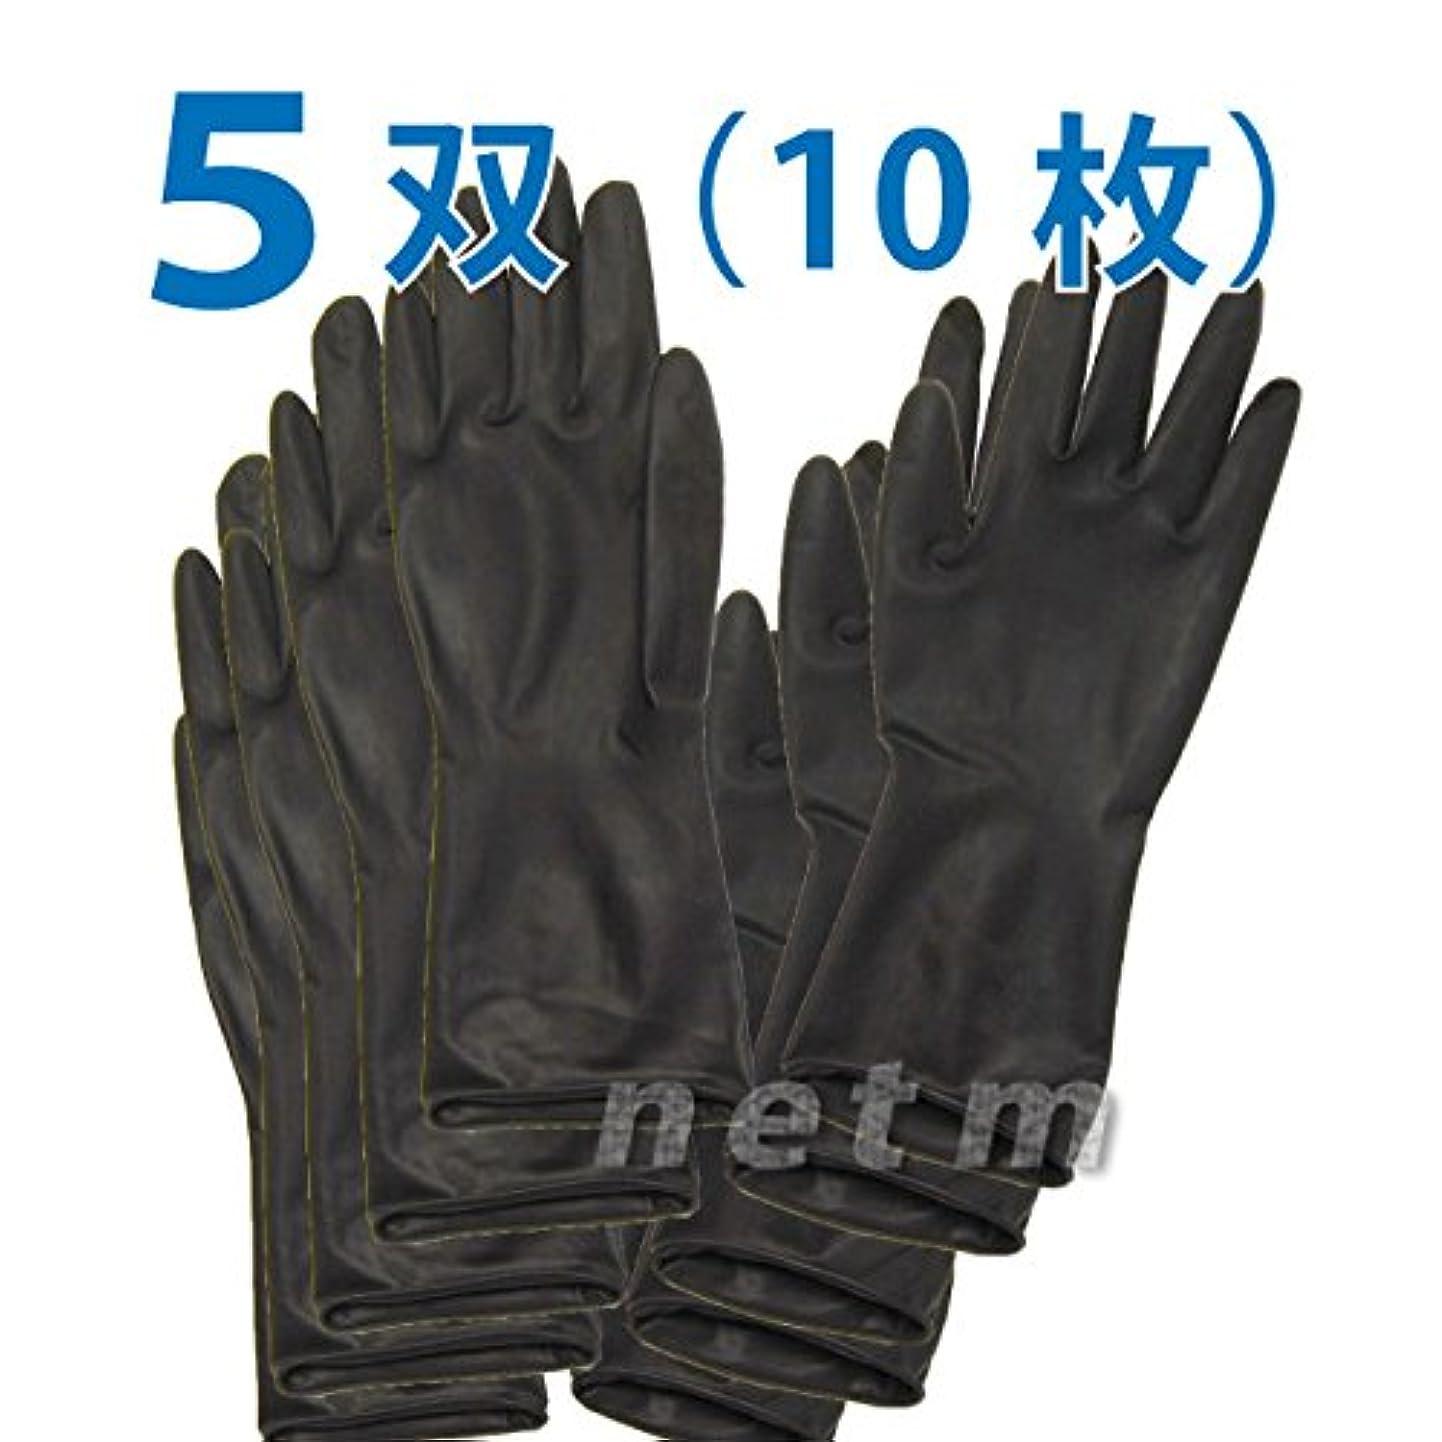 内向き弾性オカモト ブラックグローブ ロングタイプ Mサイズ  5双(10枚)